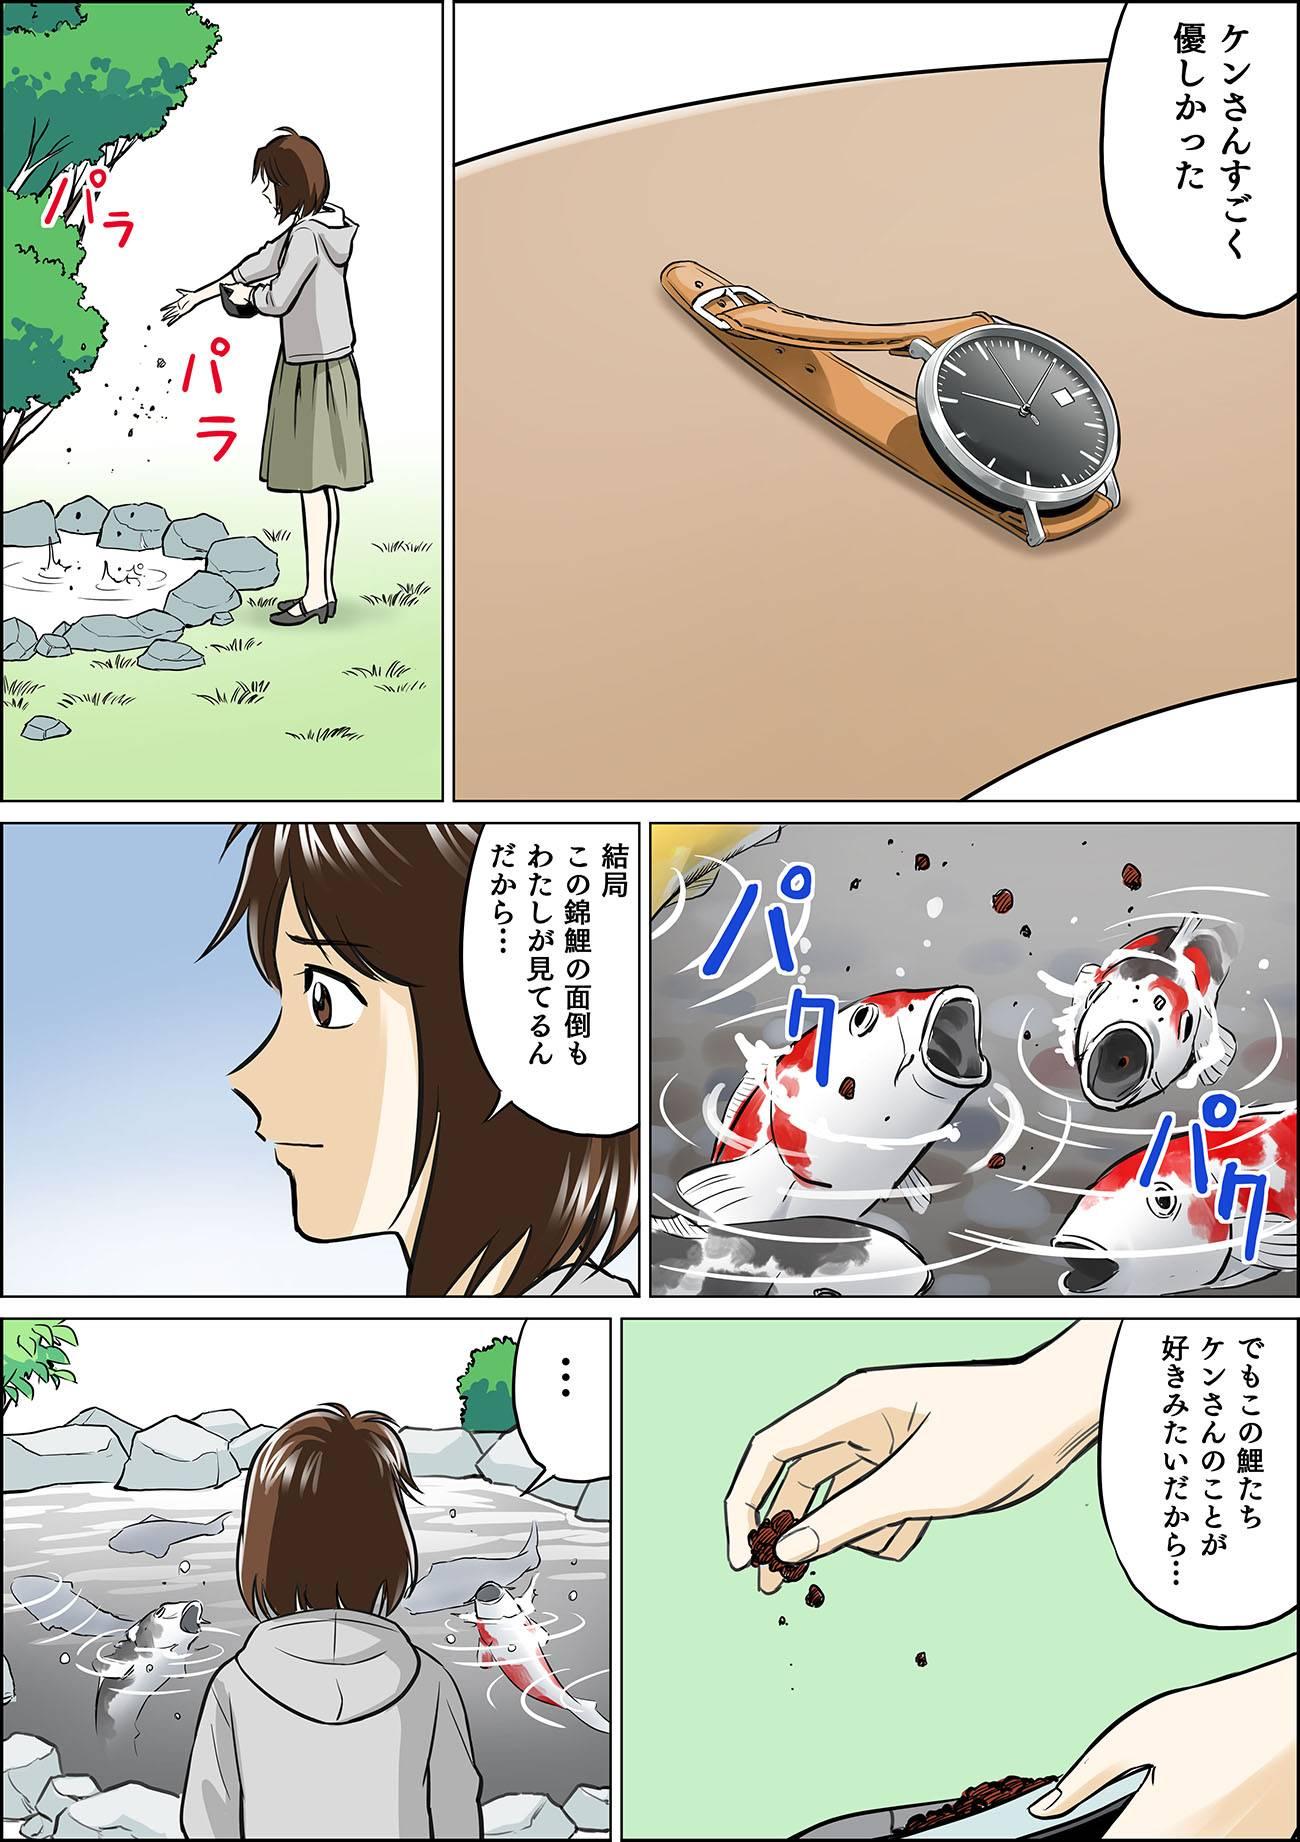 お前らがグッと来た画像を貼るスレ46 [無断転載禁止]©2ch.net YouTube動画>9本 ->画像>712枚